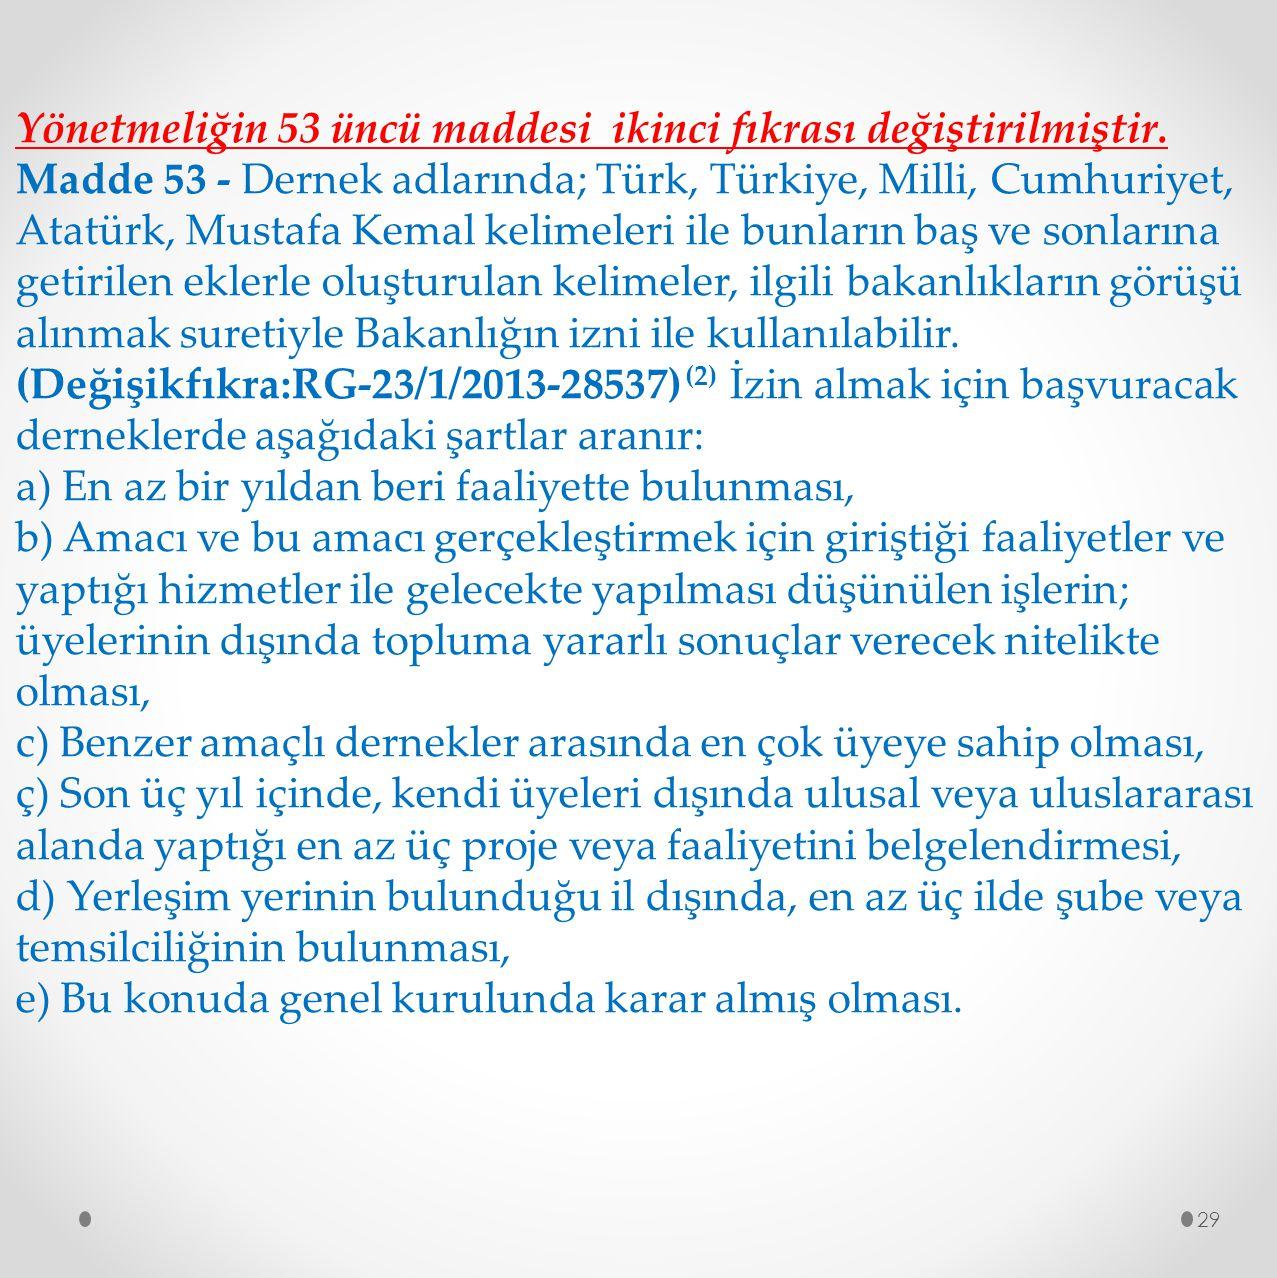 29 Yönetmeliğin 53 üncü maddesi ikinci fıkrası değiştirilmiştir. Madde 53 - Dernek adlarında; Türk, Türkiye, Milli, Cumhuriyet, Atatürk, Mustafa Kemal